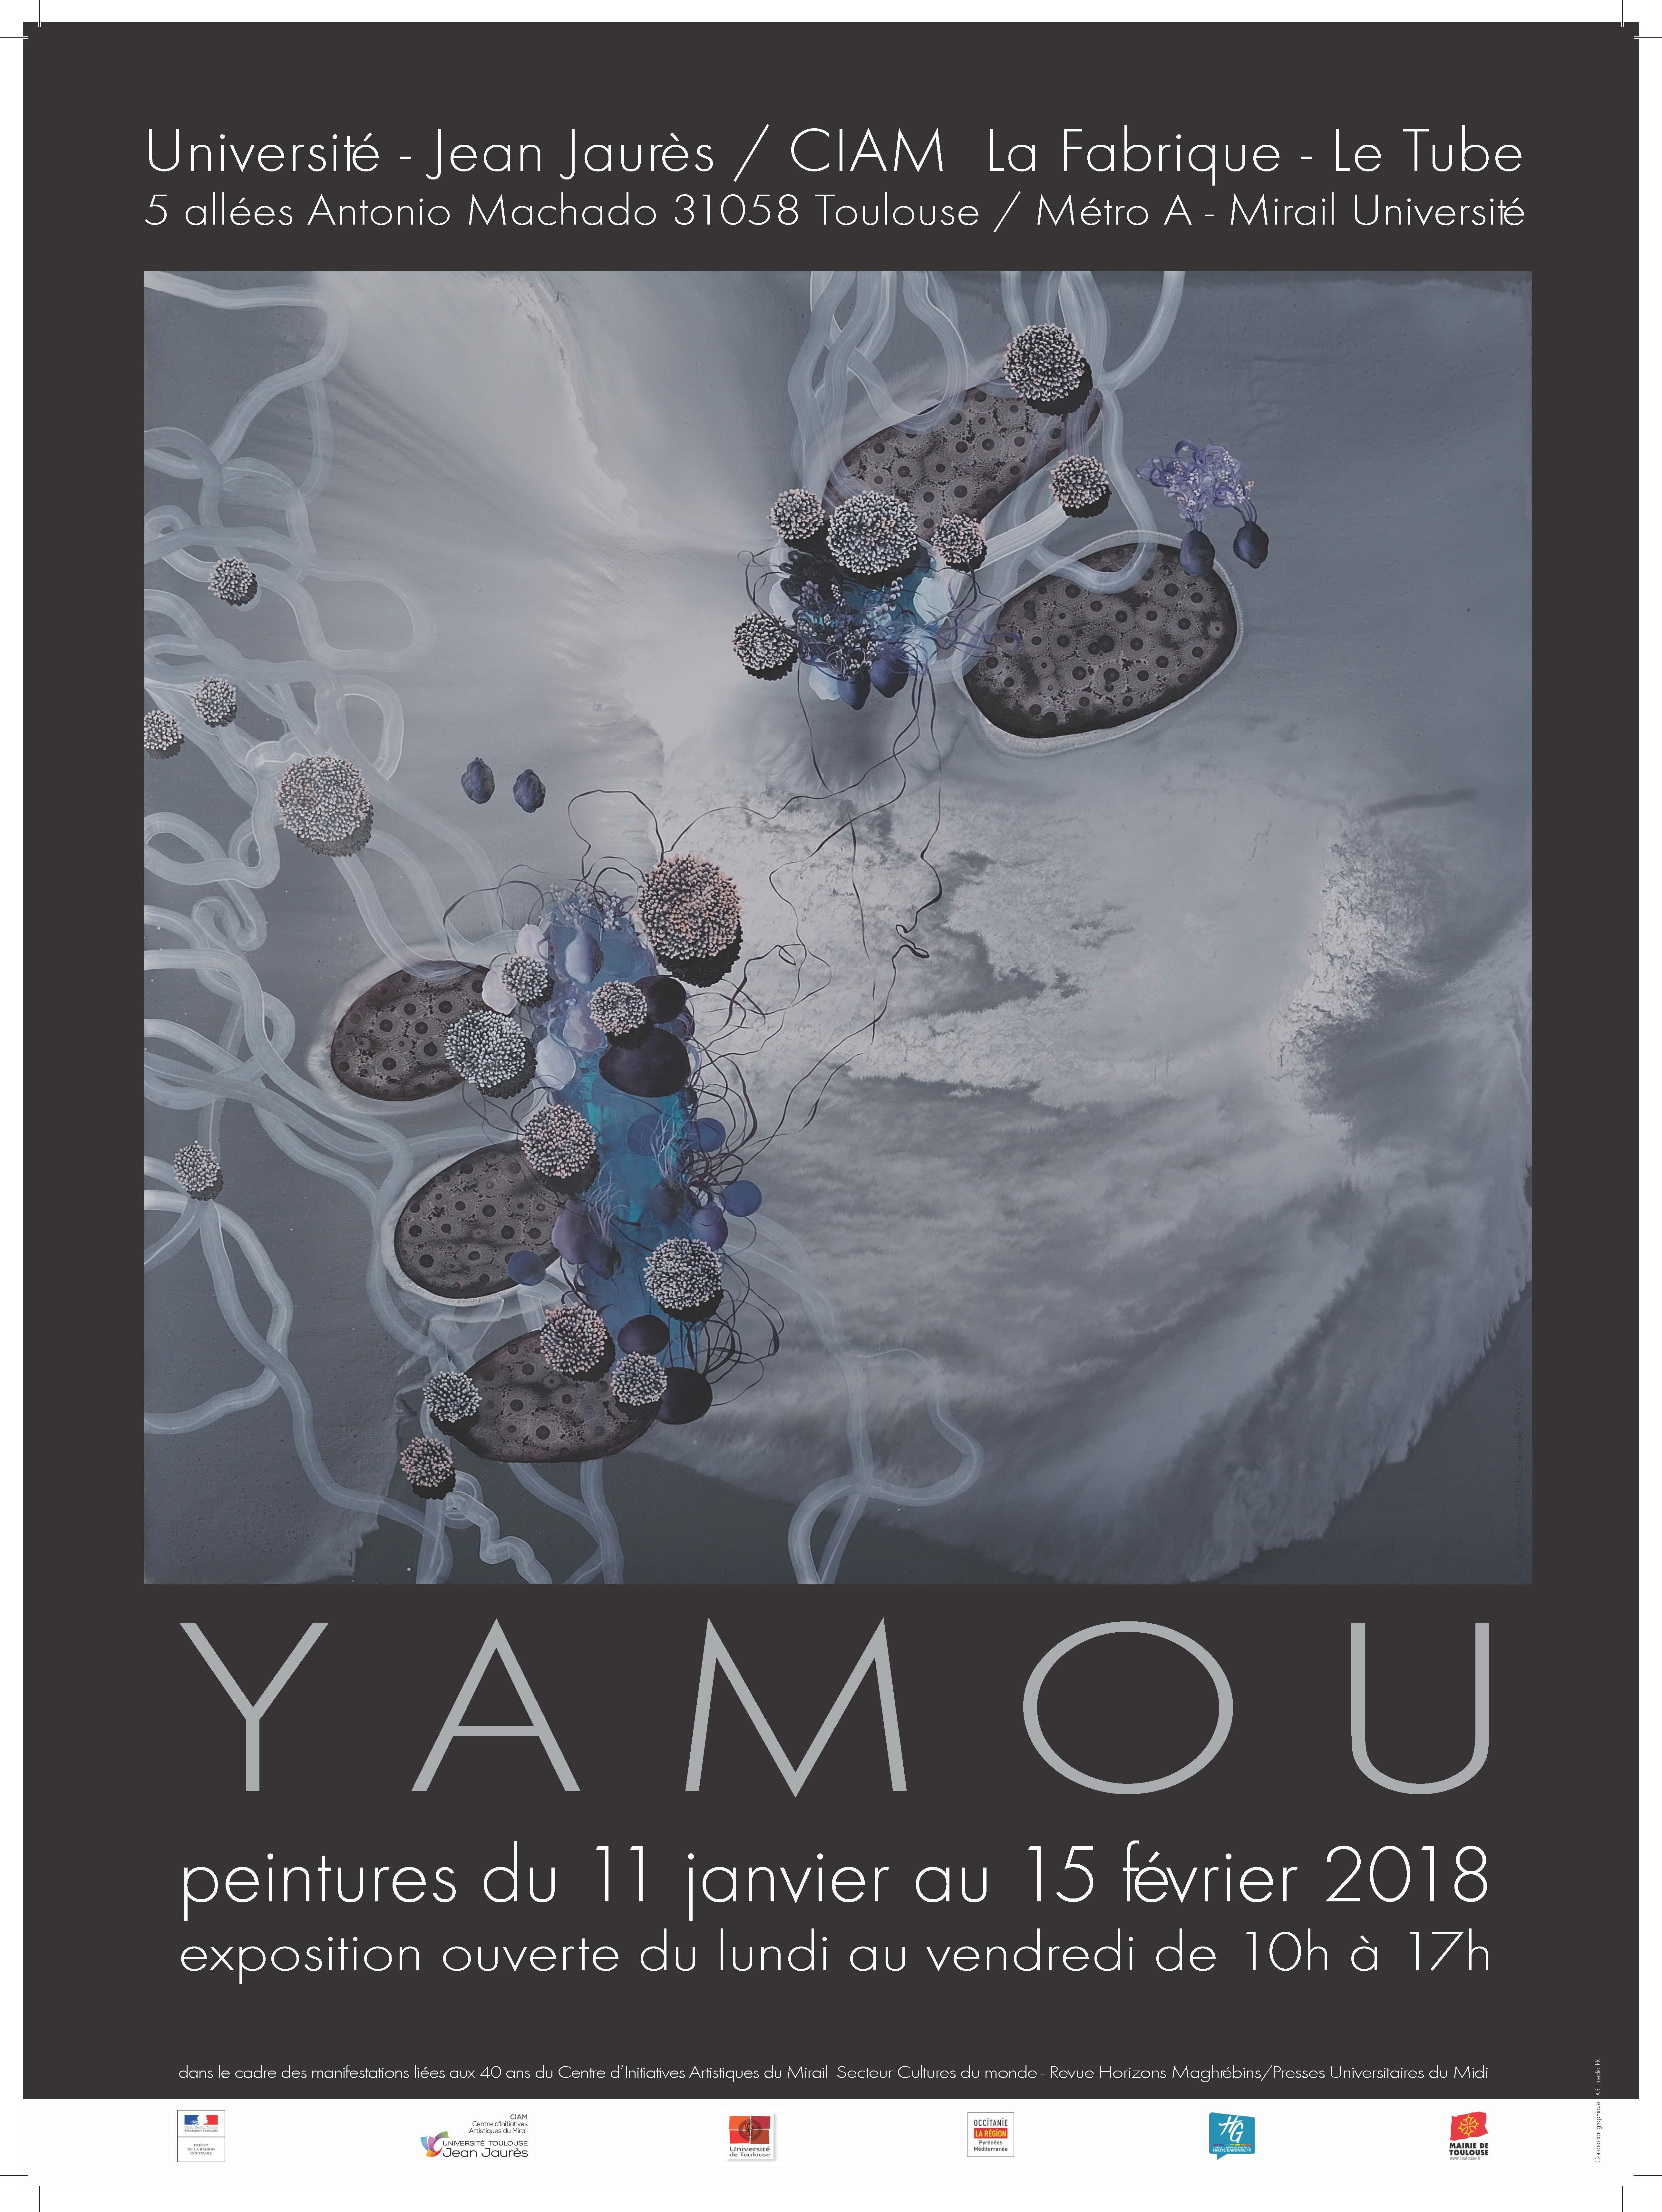 Yamou